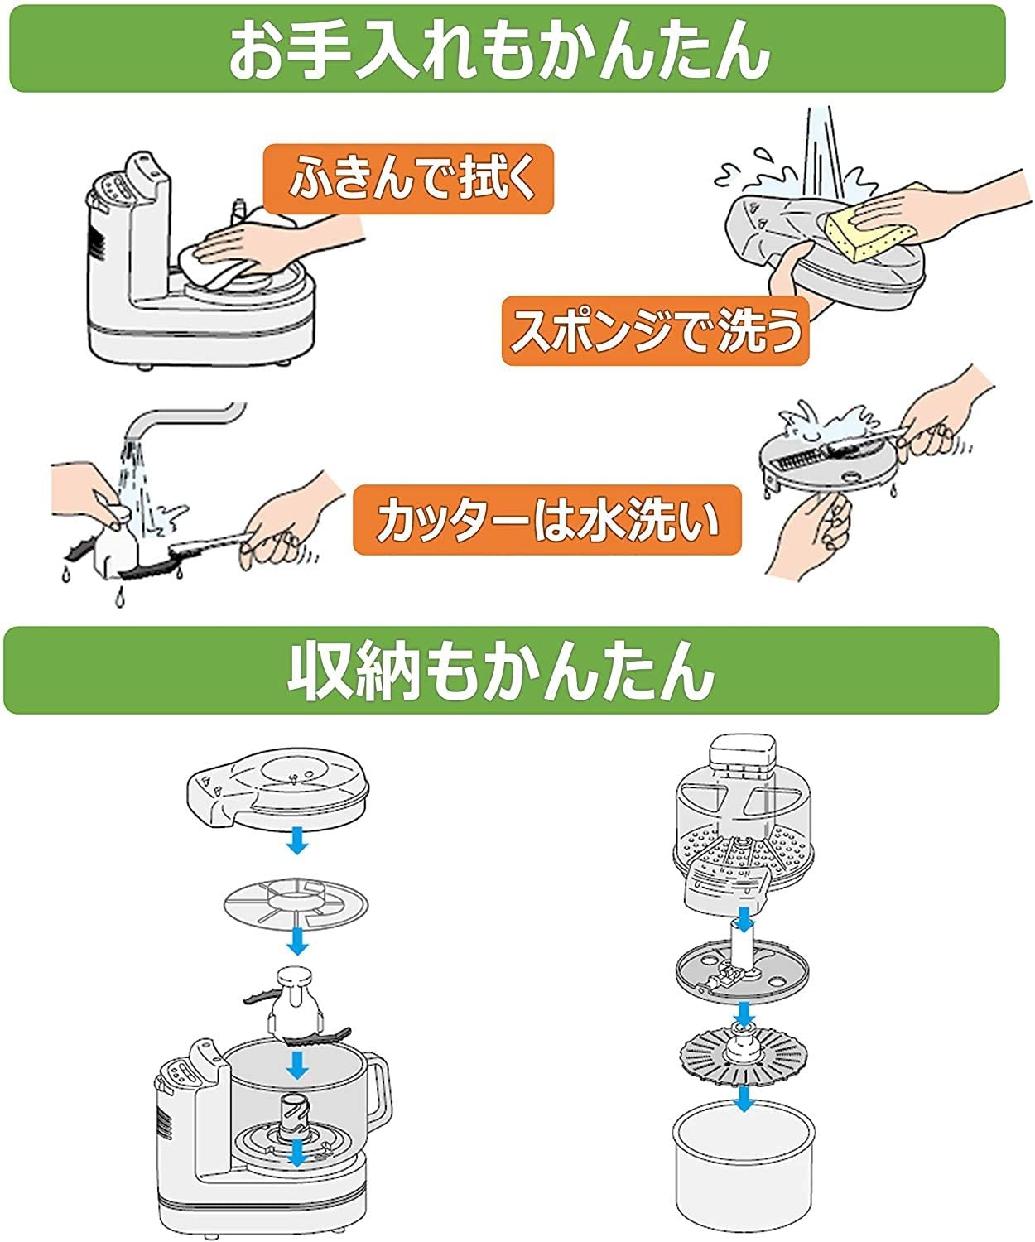 Panasonic(パナソニック) フードプロセッサー MK-K81の商品画像7